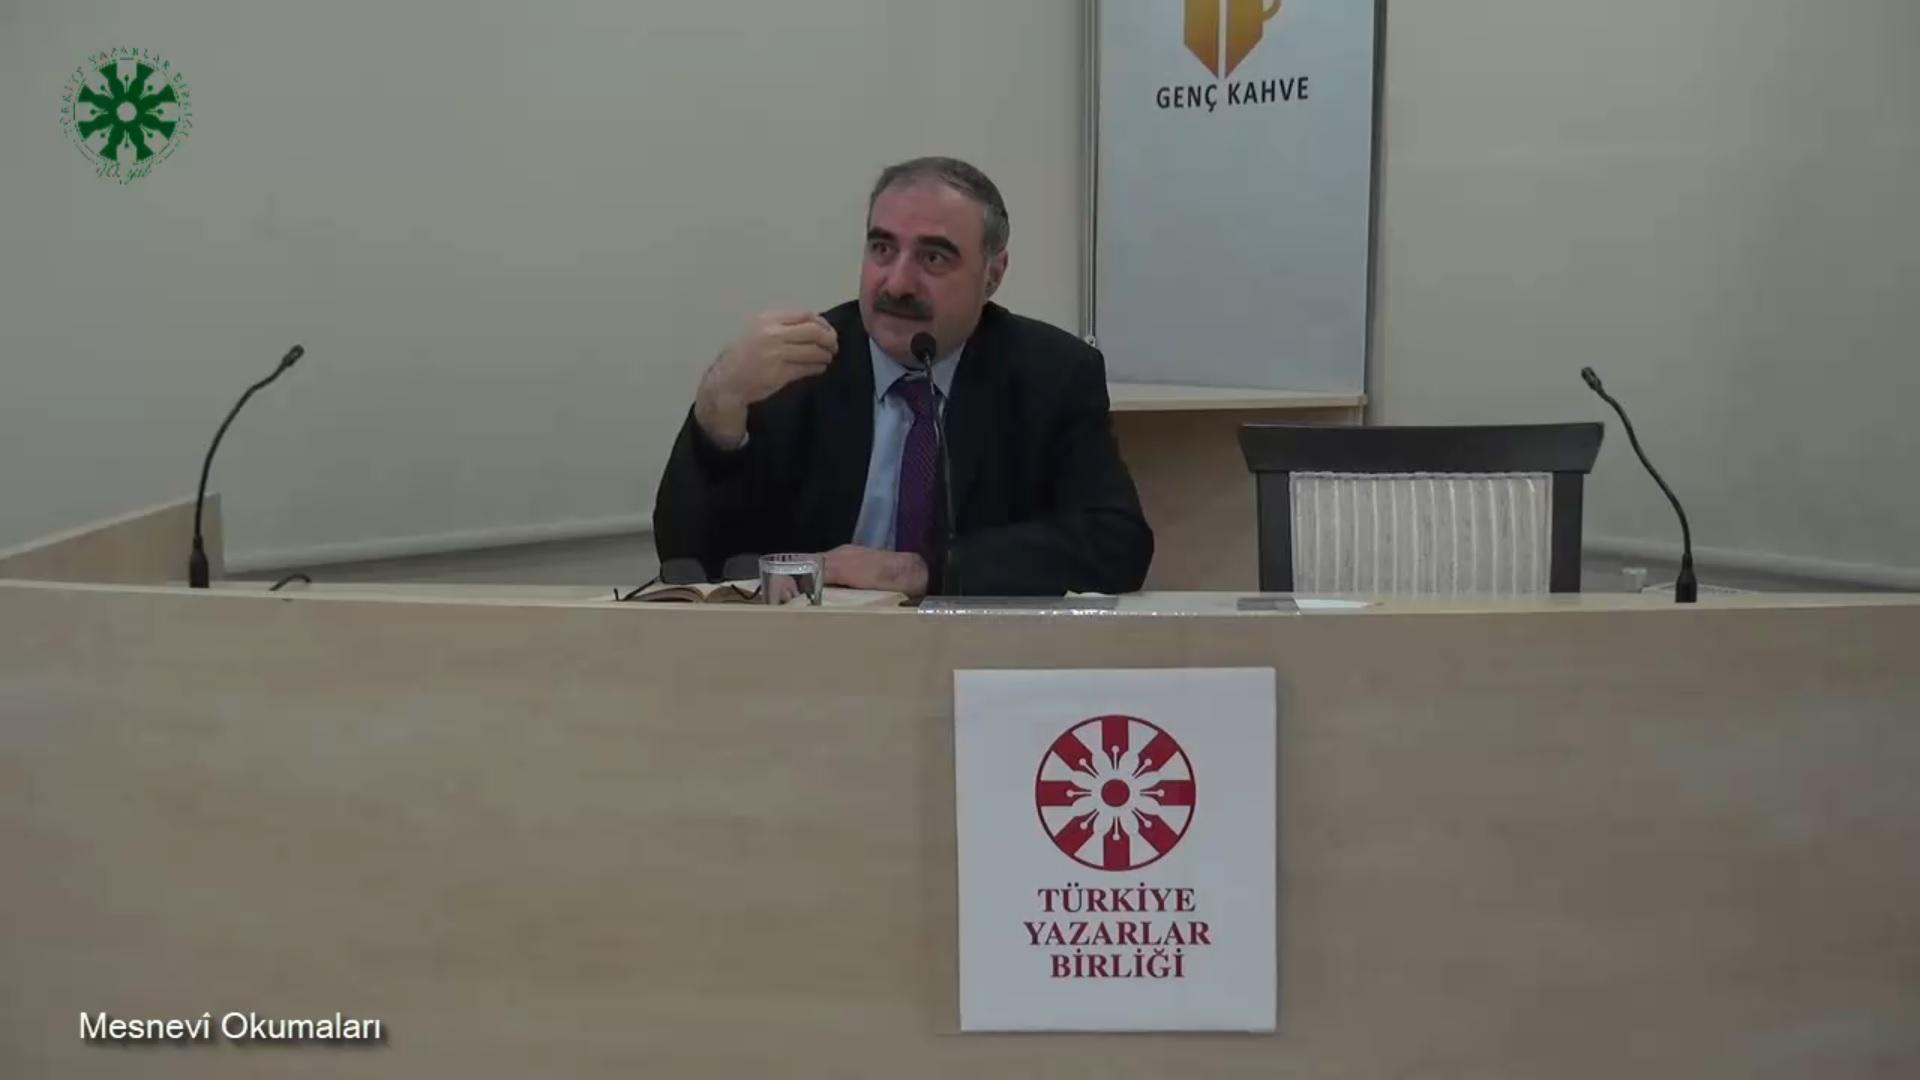 Mesnevî Okumaları -23- Dr. Yakup Şafak (video)